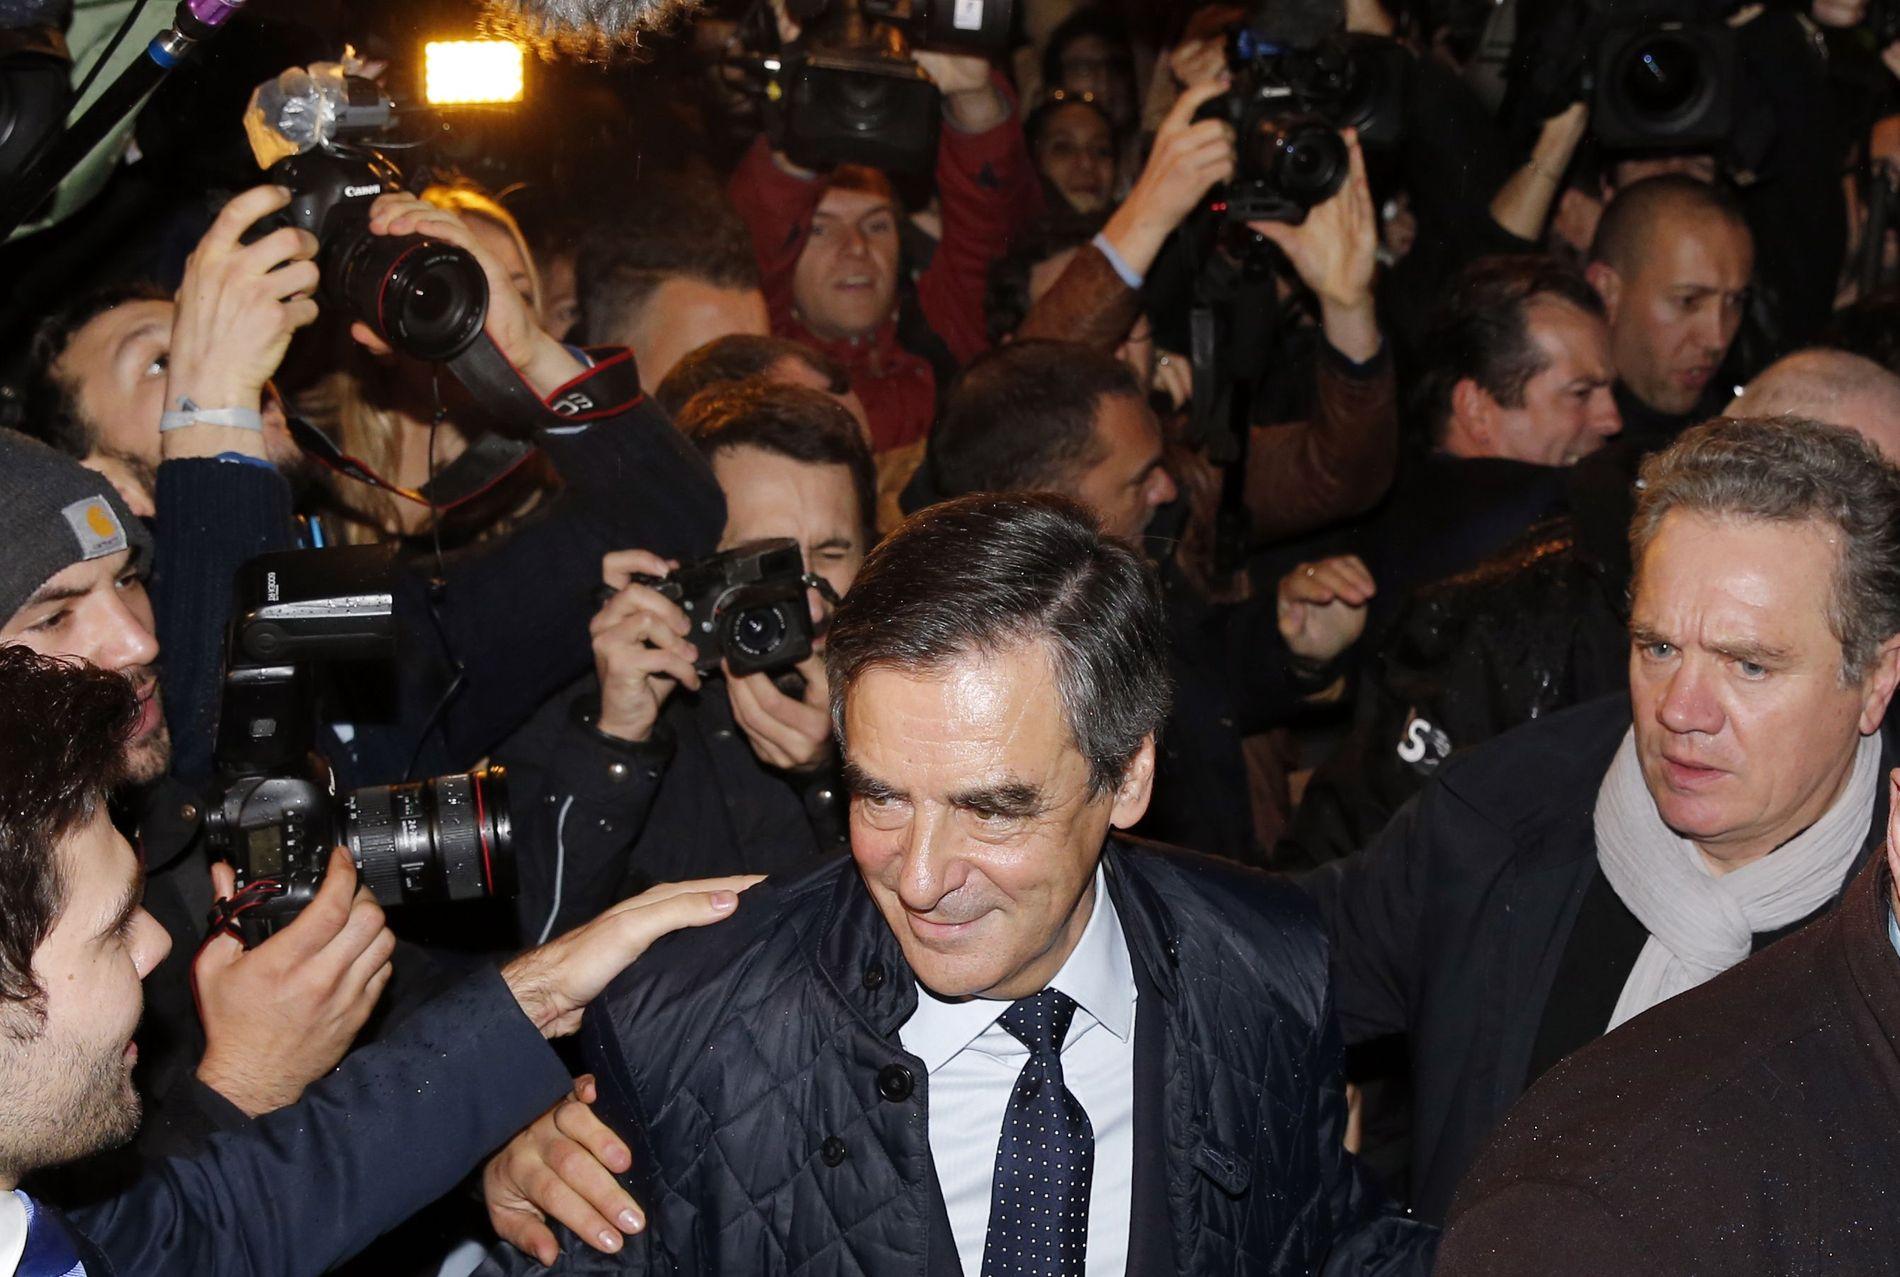 VIL BLI PRESIDENT: Francois Fillon lå lenge langt tilbake på meningmålingene, men kan nå bli presidentkandidat for de konservative.